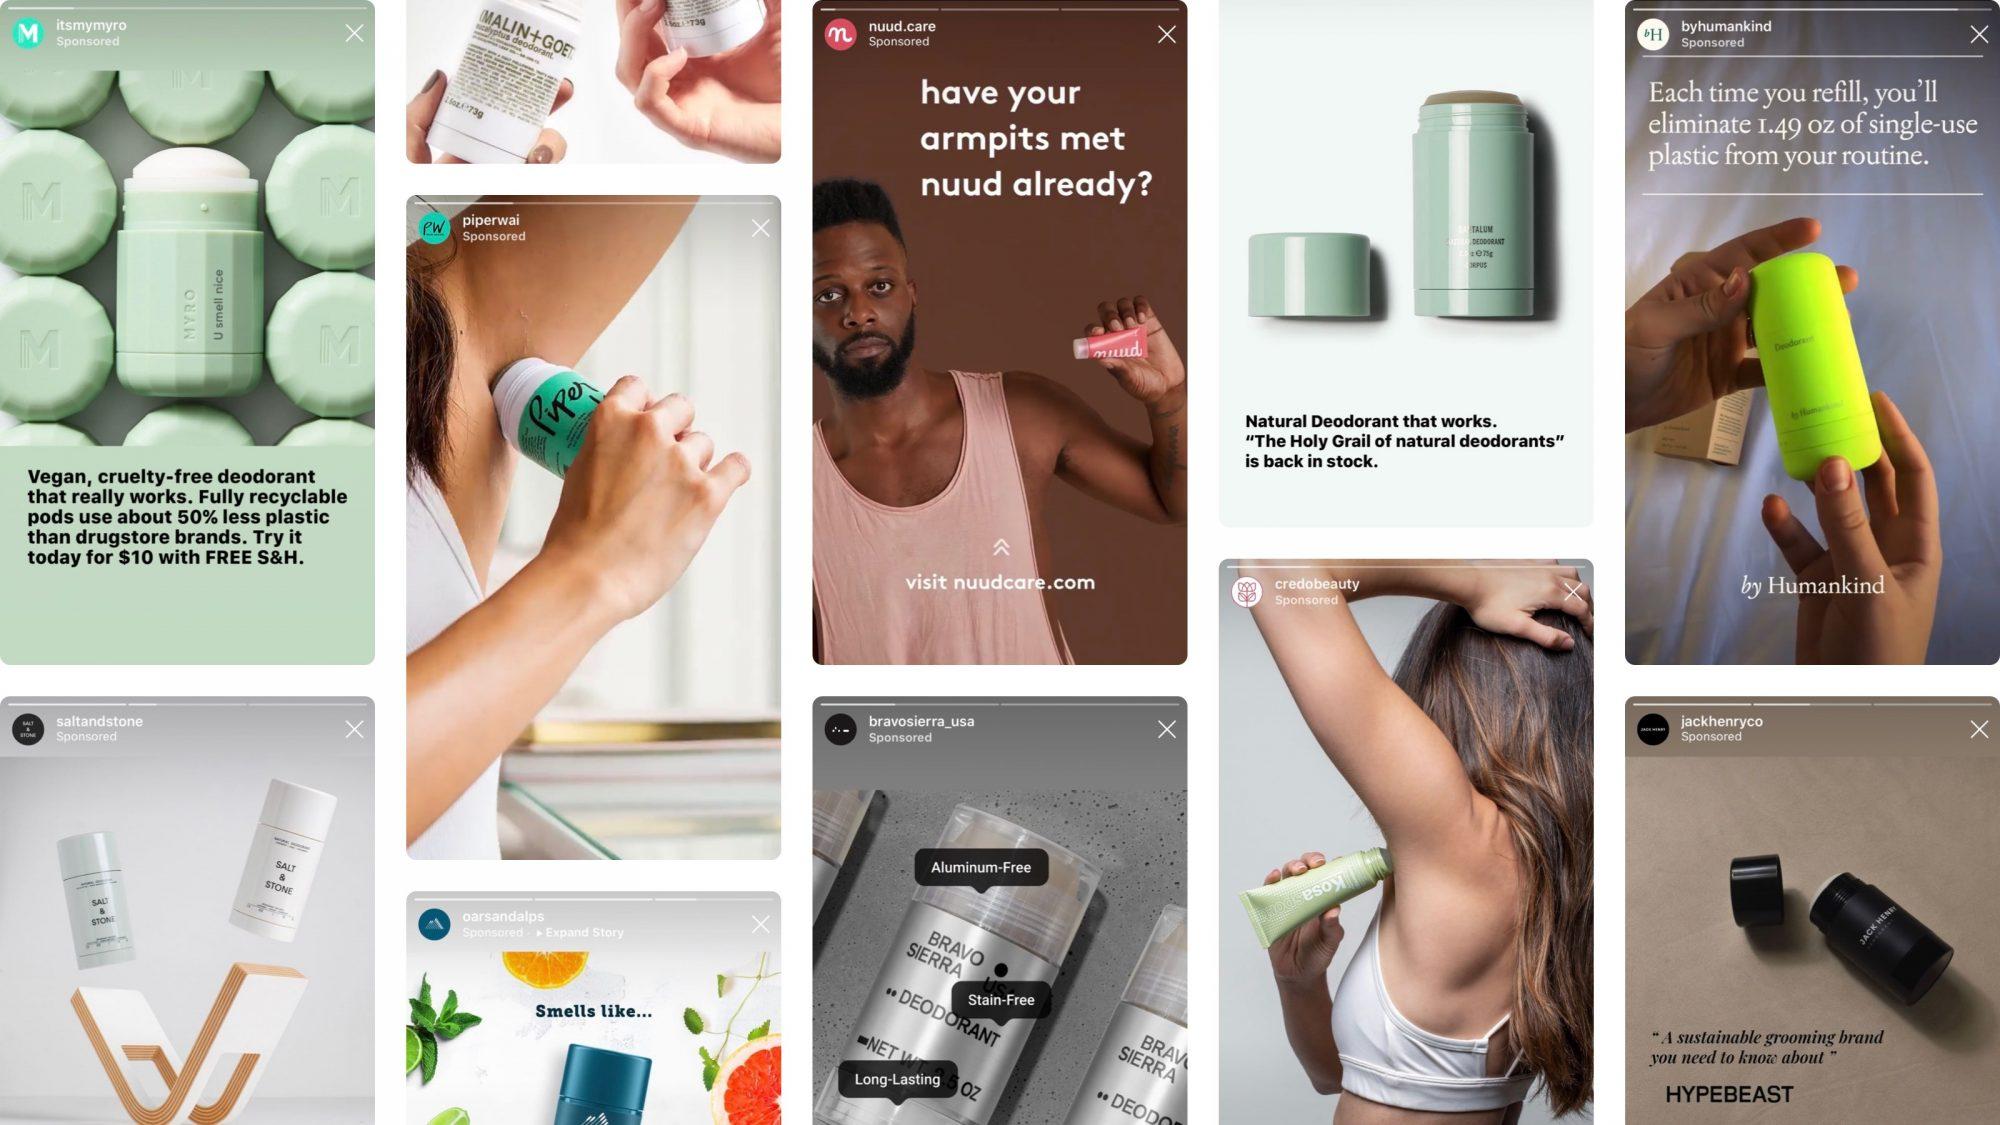 Natural deodorant Instagram ads